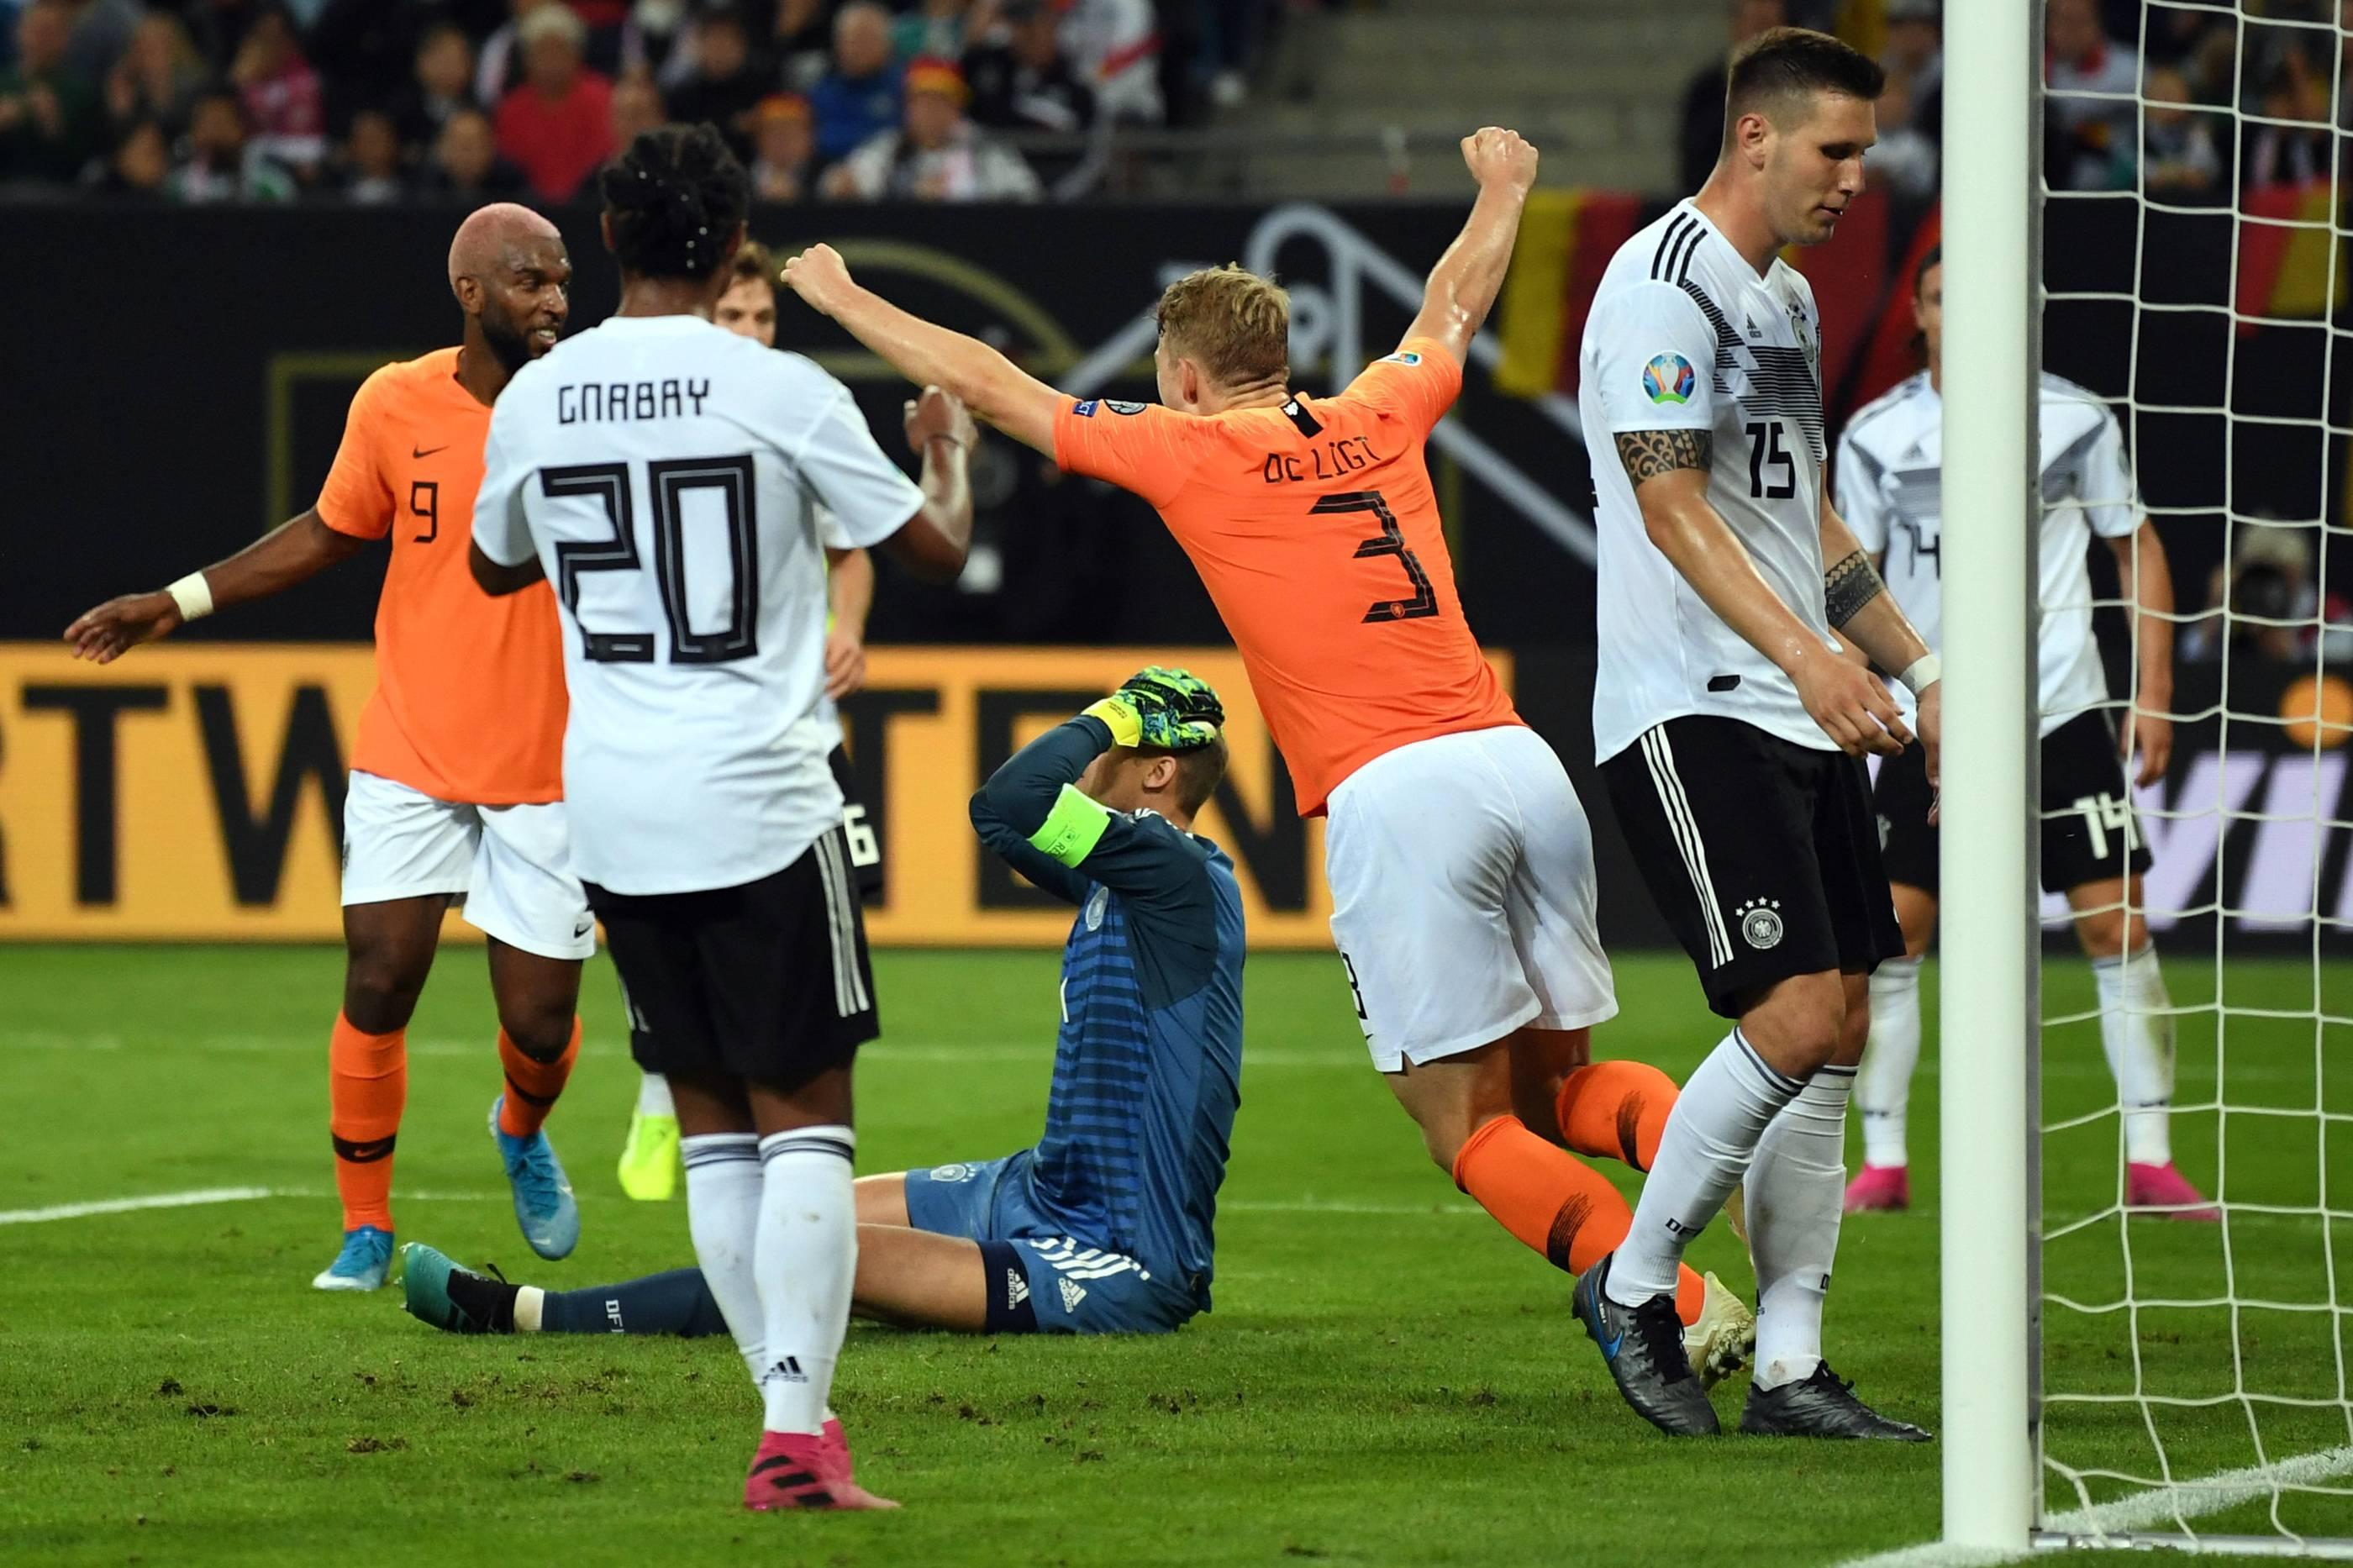 Em Qualifikation 2020 Deutschland Verliert 2 4 Gegen Die